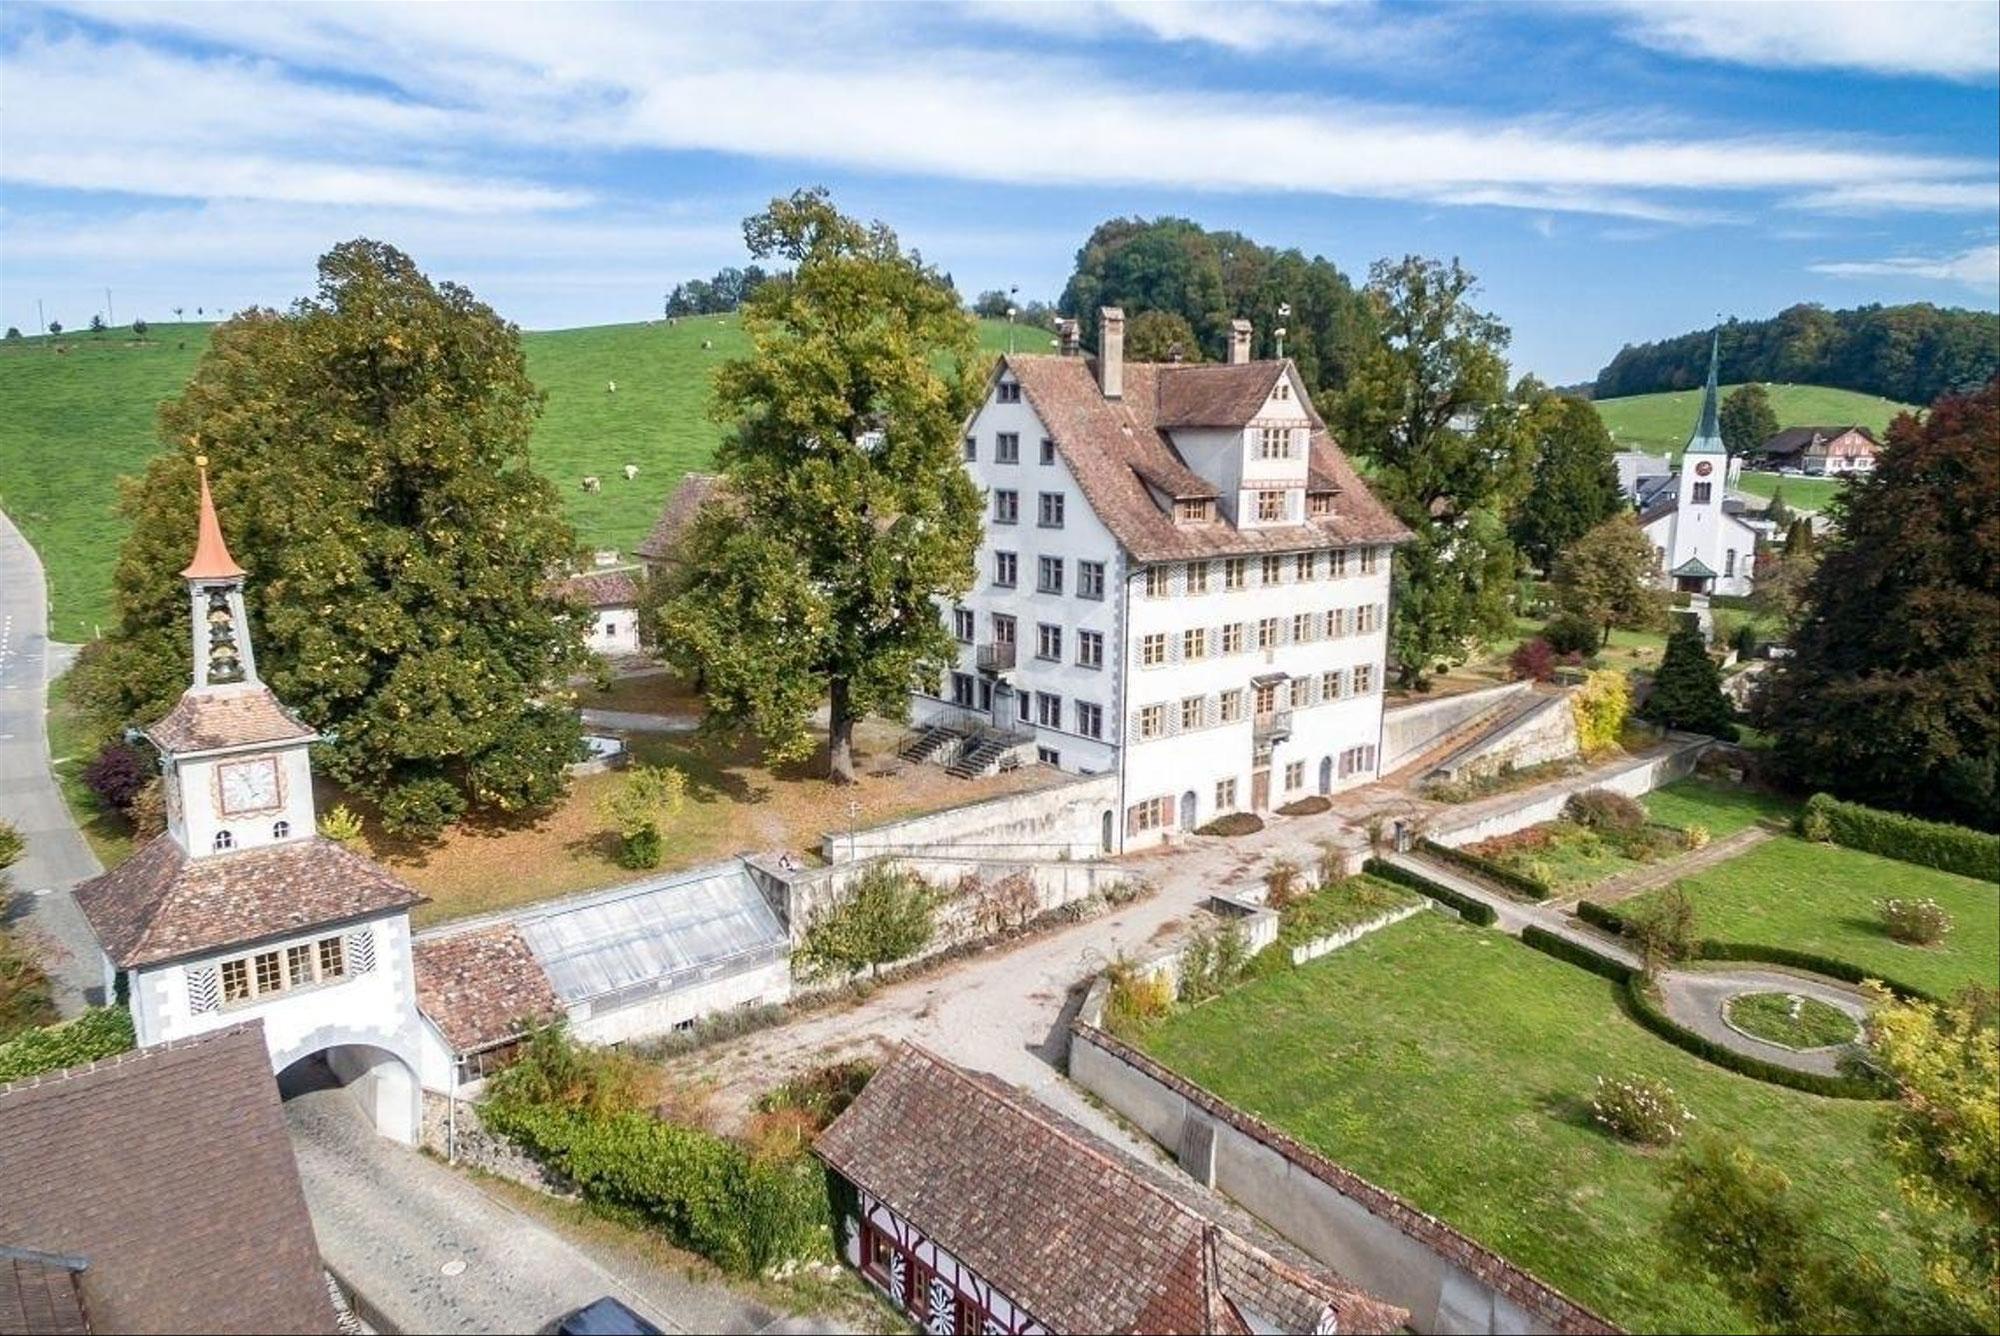 Eine englische Landschaftsarchitektin plant eine schweizer Gartenanlage